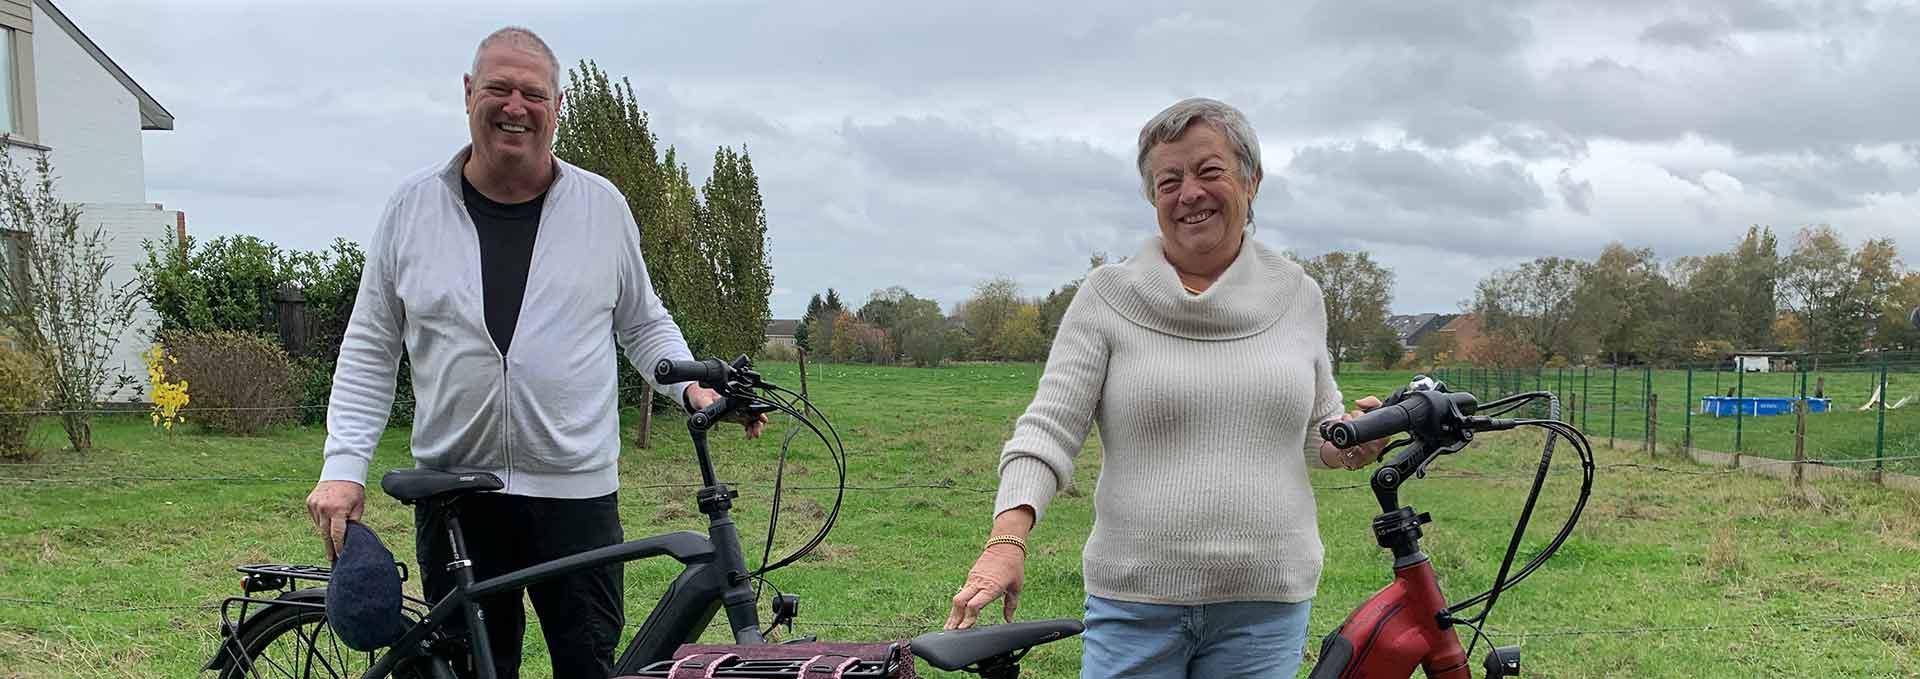 Koppel met elektrische velo de ville fiets